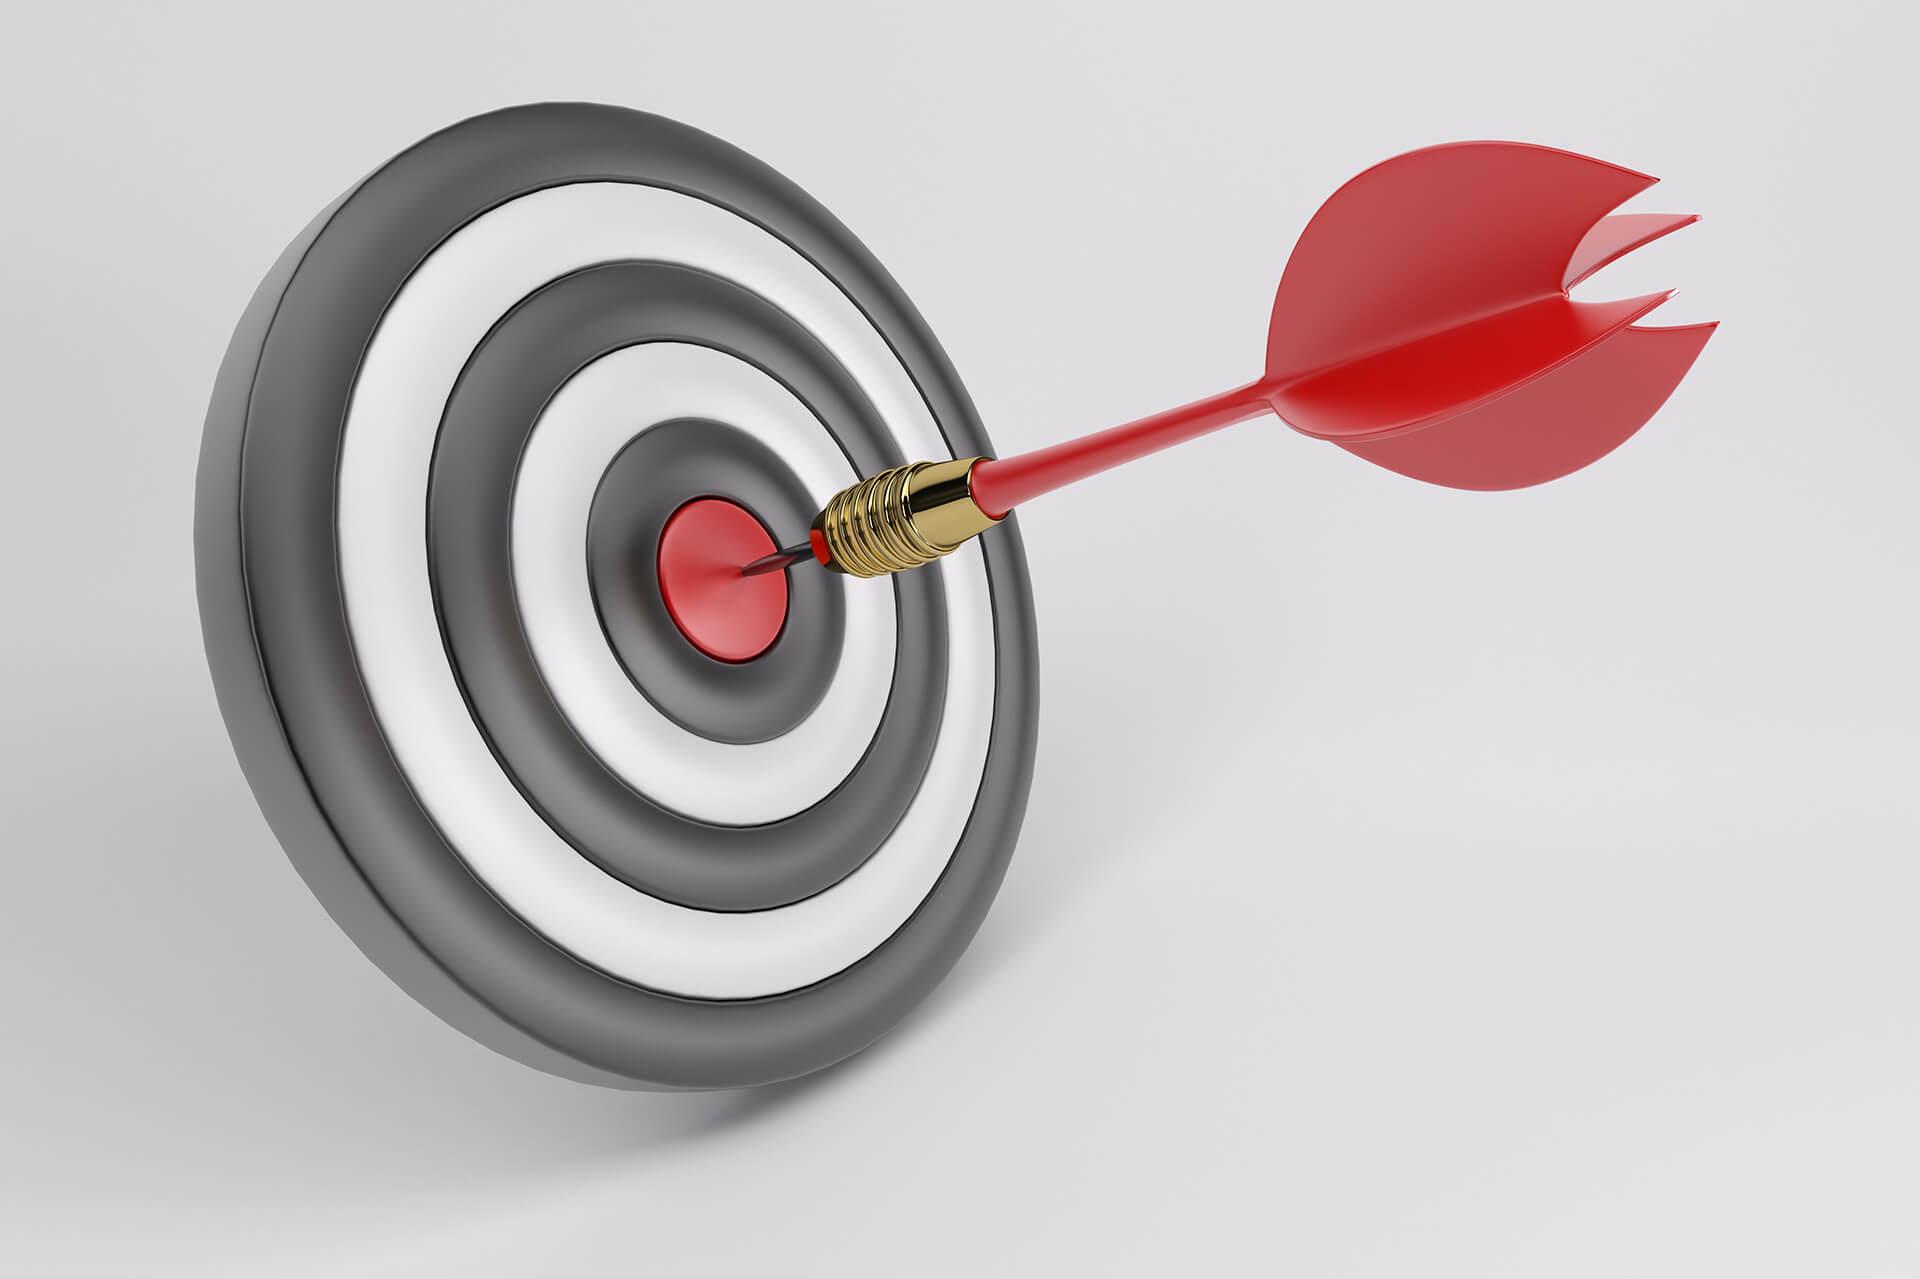 СНАРЯД | FSM попадает точно в цель вашего бизнеса